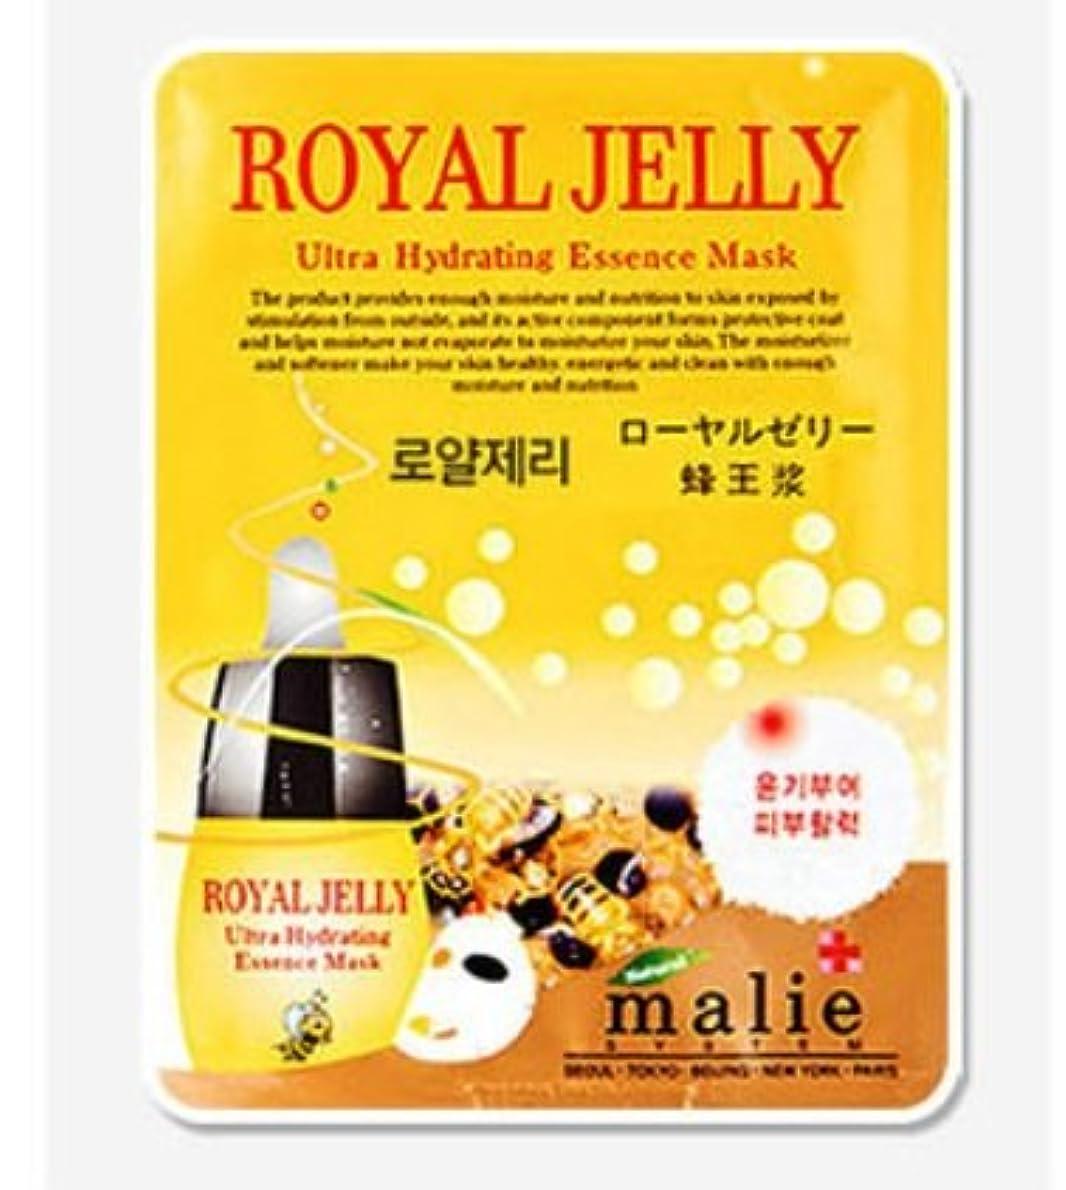 現像ストライド適合[MALIE] まりえローヤルゼリーウルトラ?ハイドレーティング?エッセンスマスク25gX10枚 / Malie Royal Jelly Ultra Hydrating Essence Mask [並行輸入品]